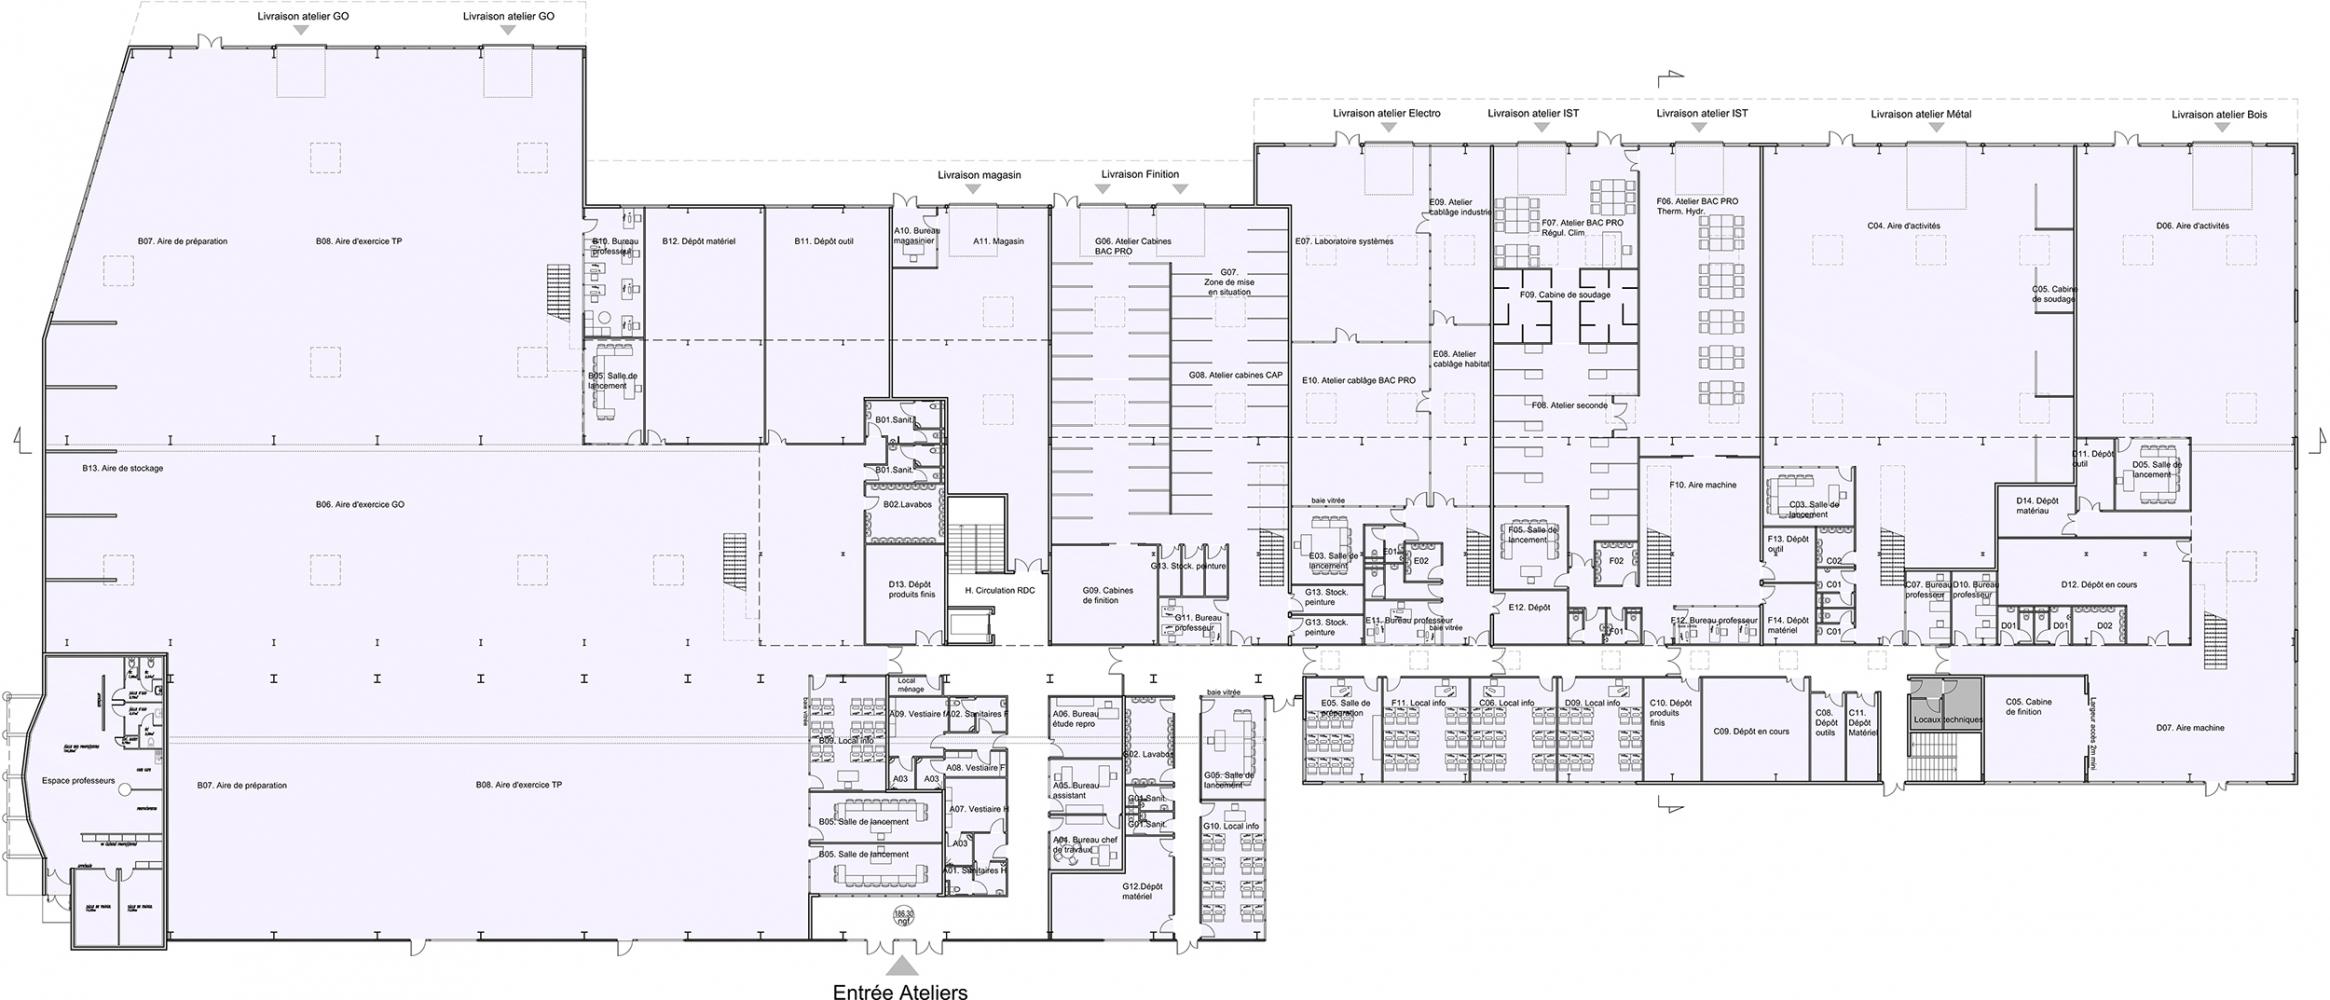 01-montigny-img-004 Pascale SEURIN Architecte - Enseignement